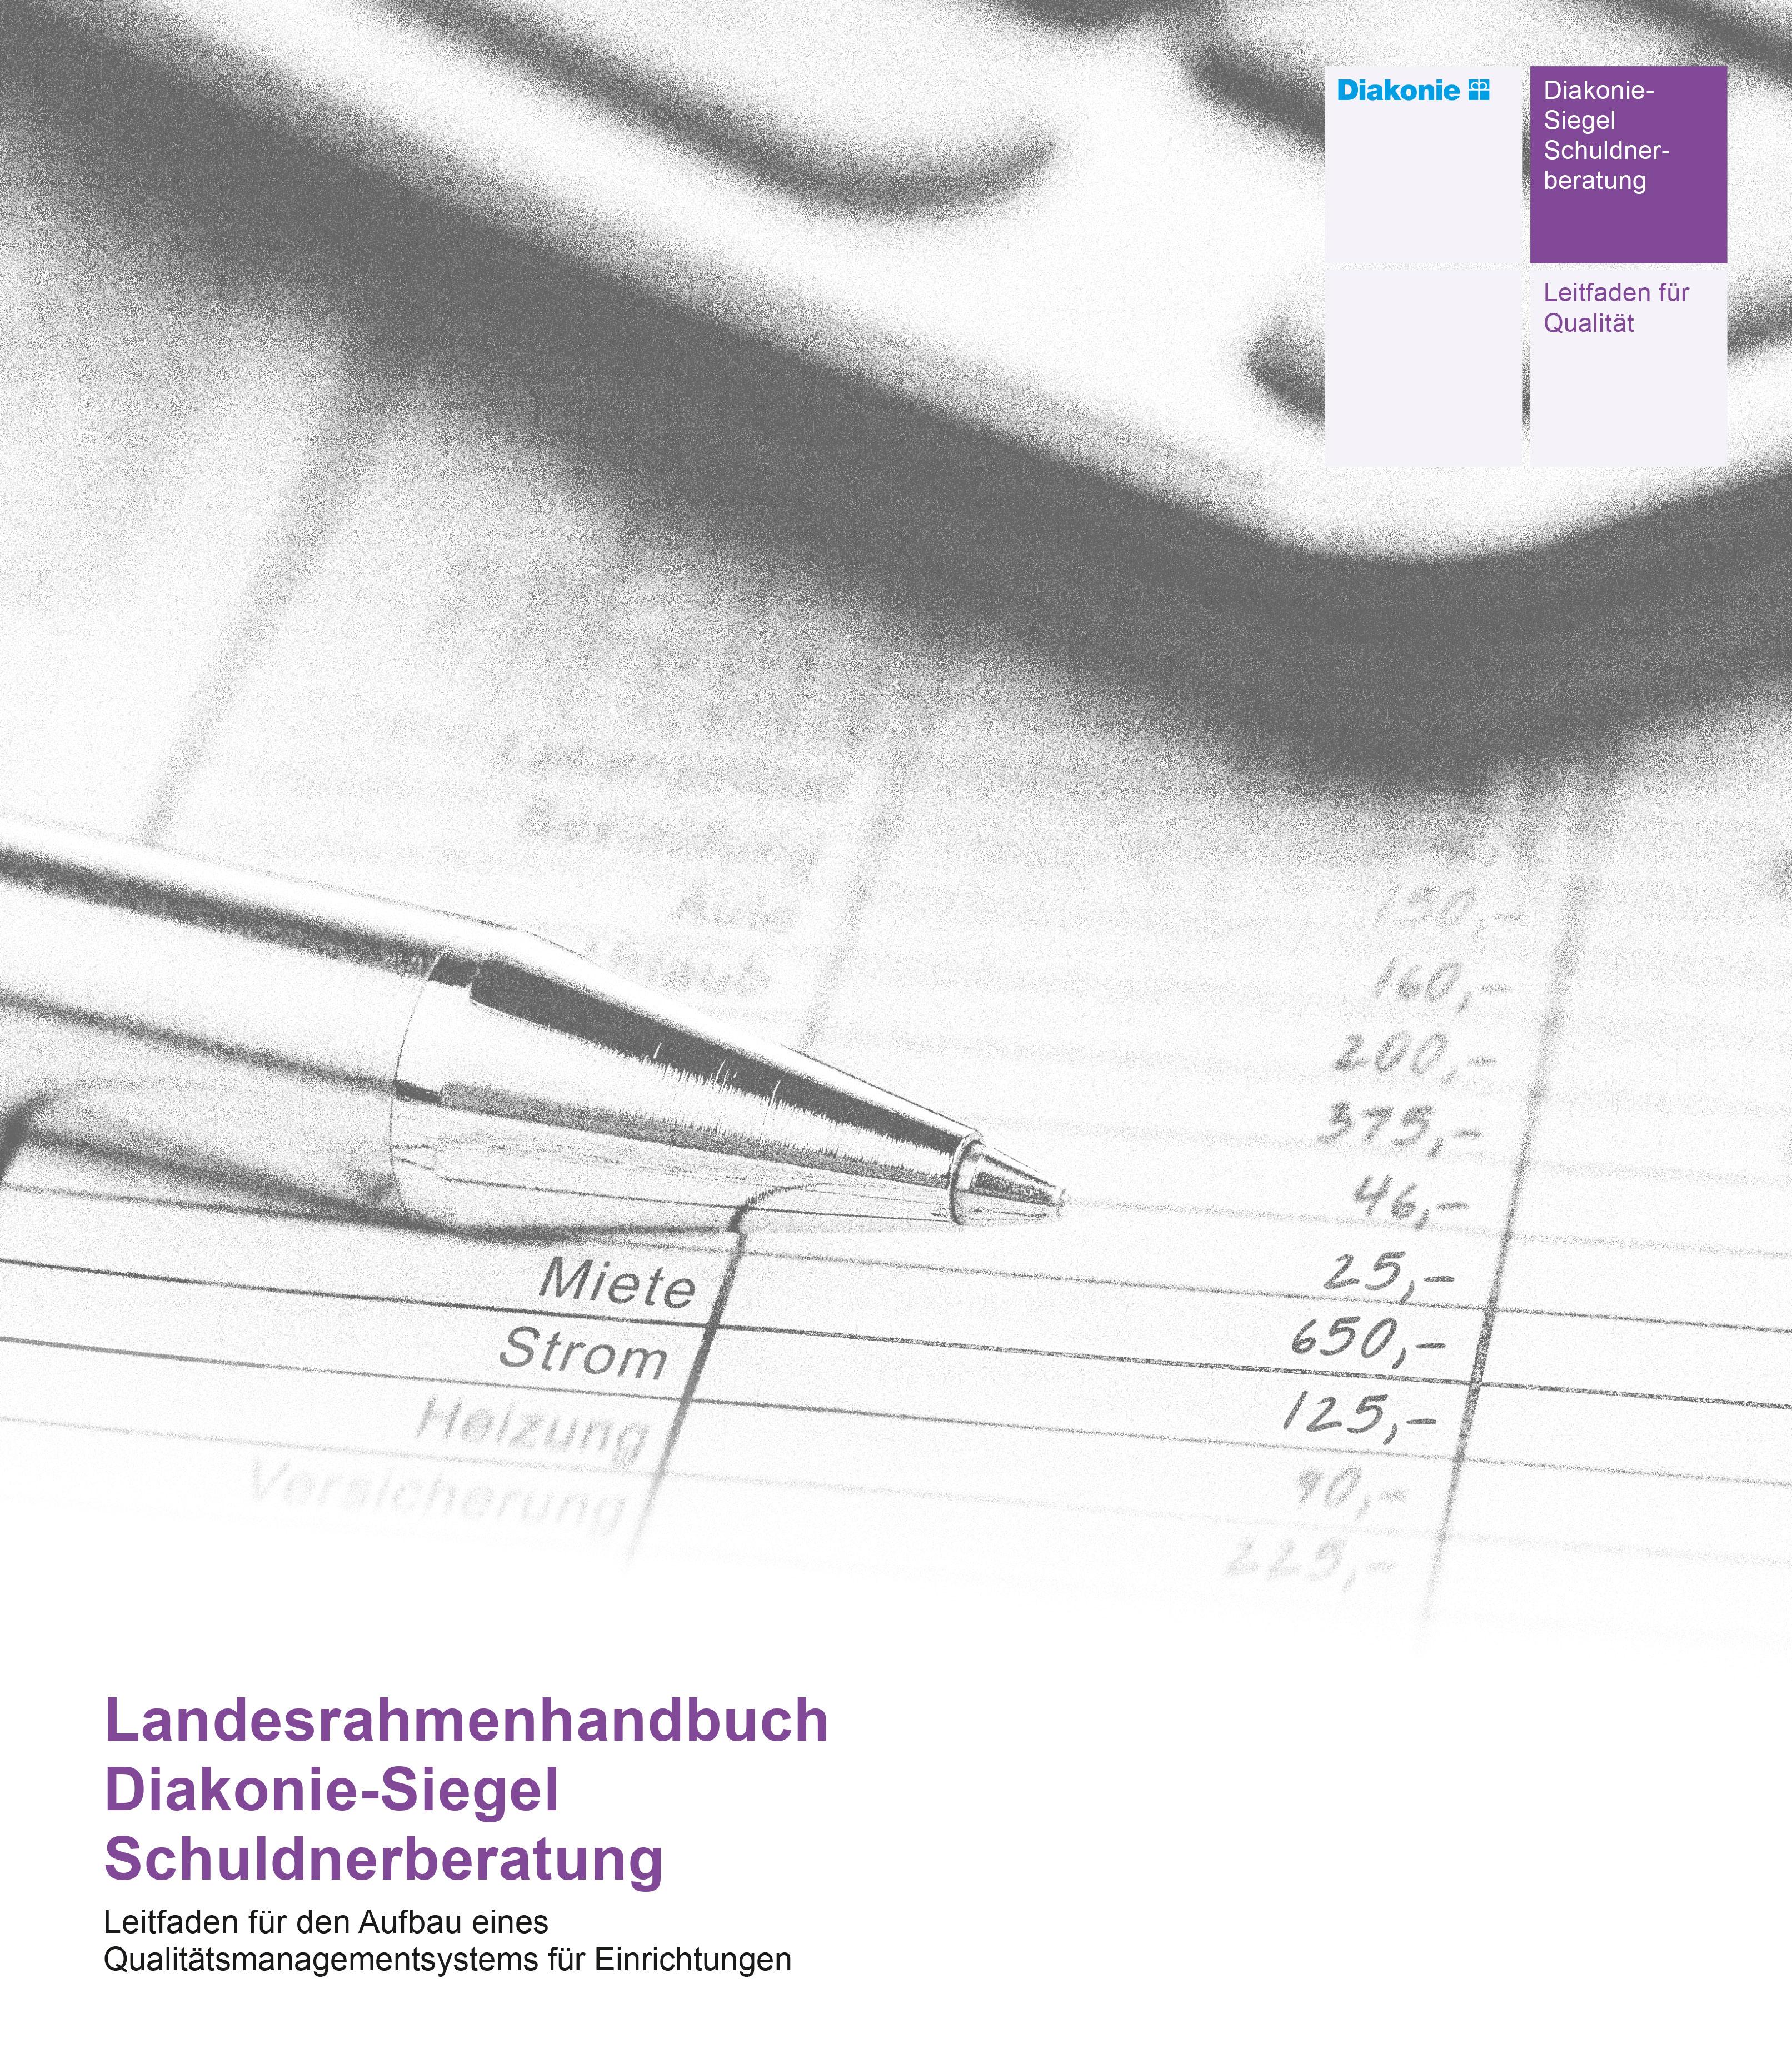 Landesrahmenhandbuch Diakonie-Siegel Schuldnerberatung